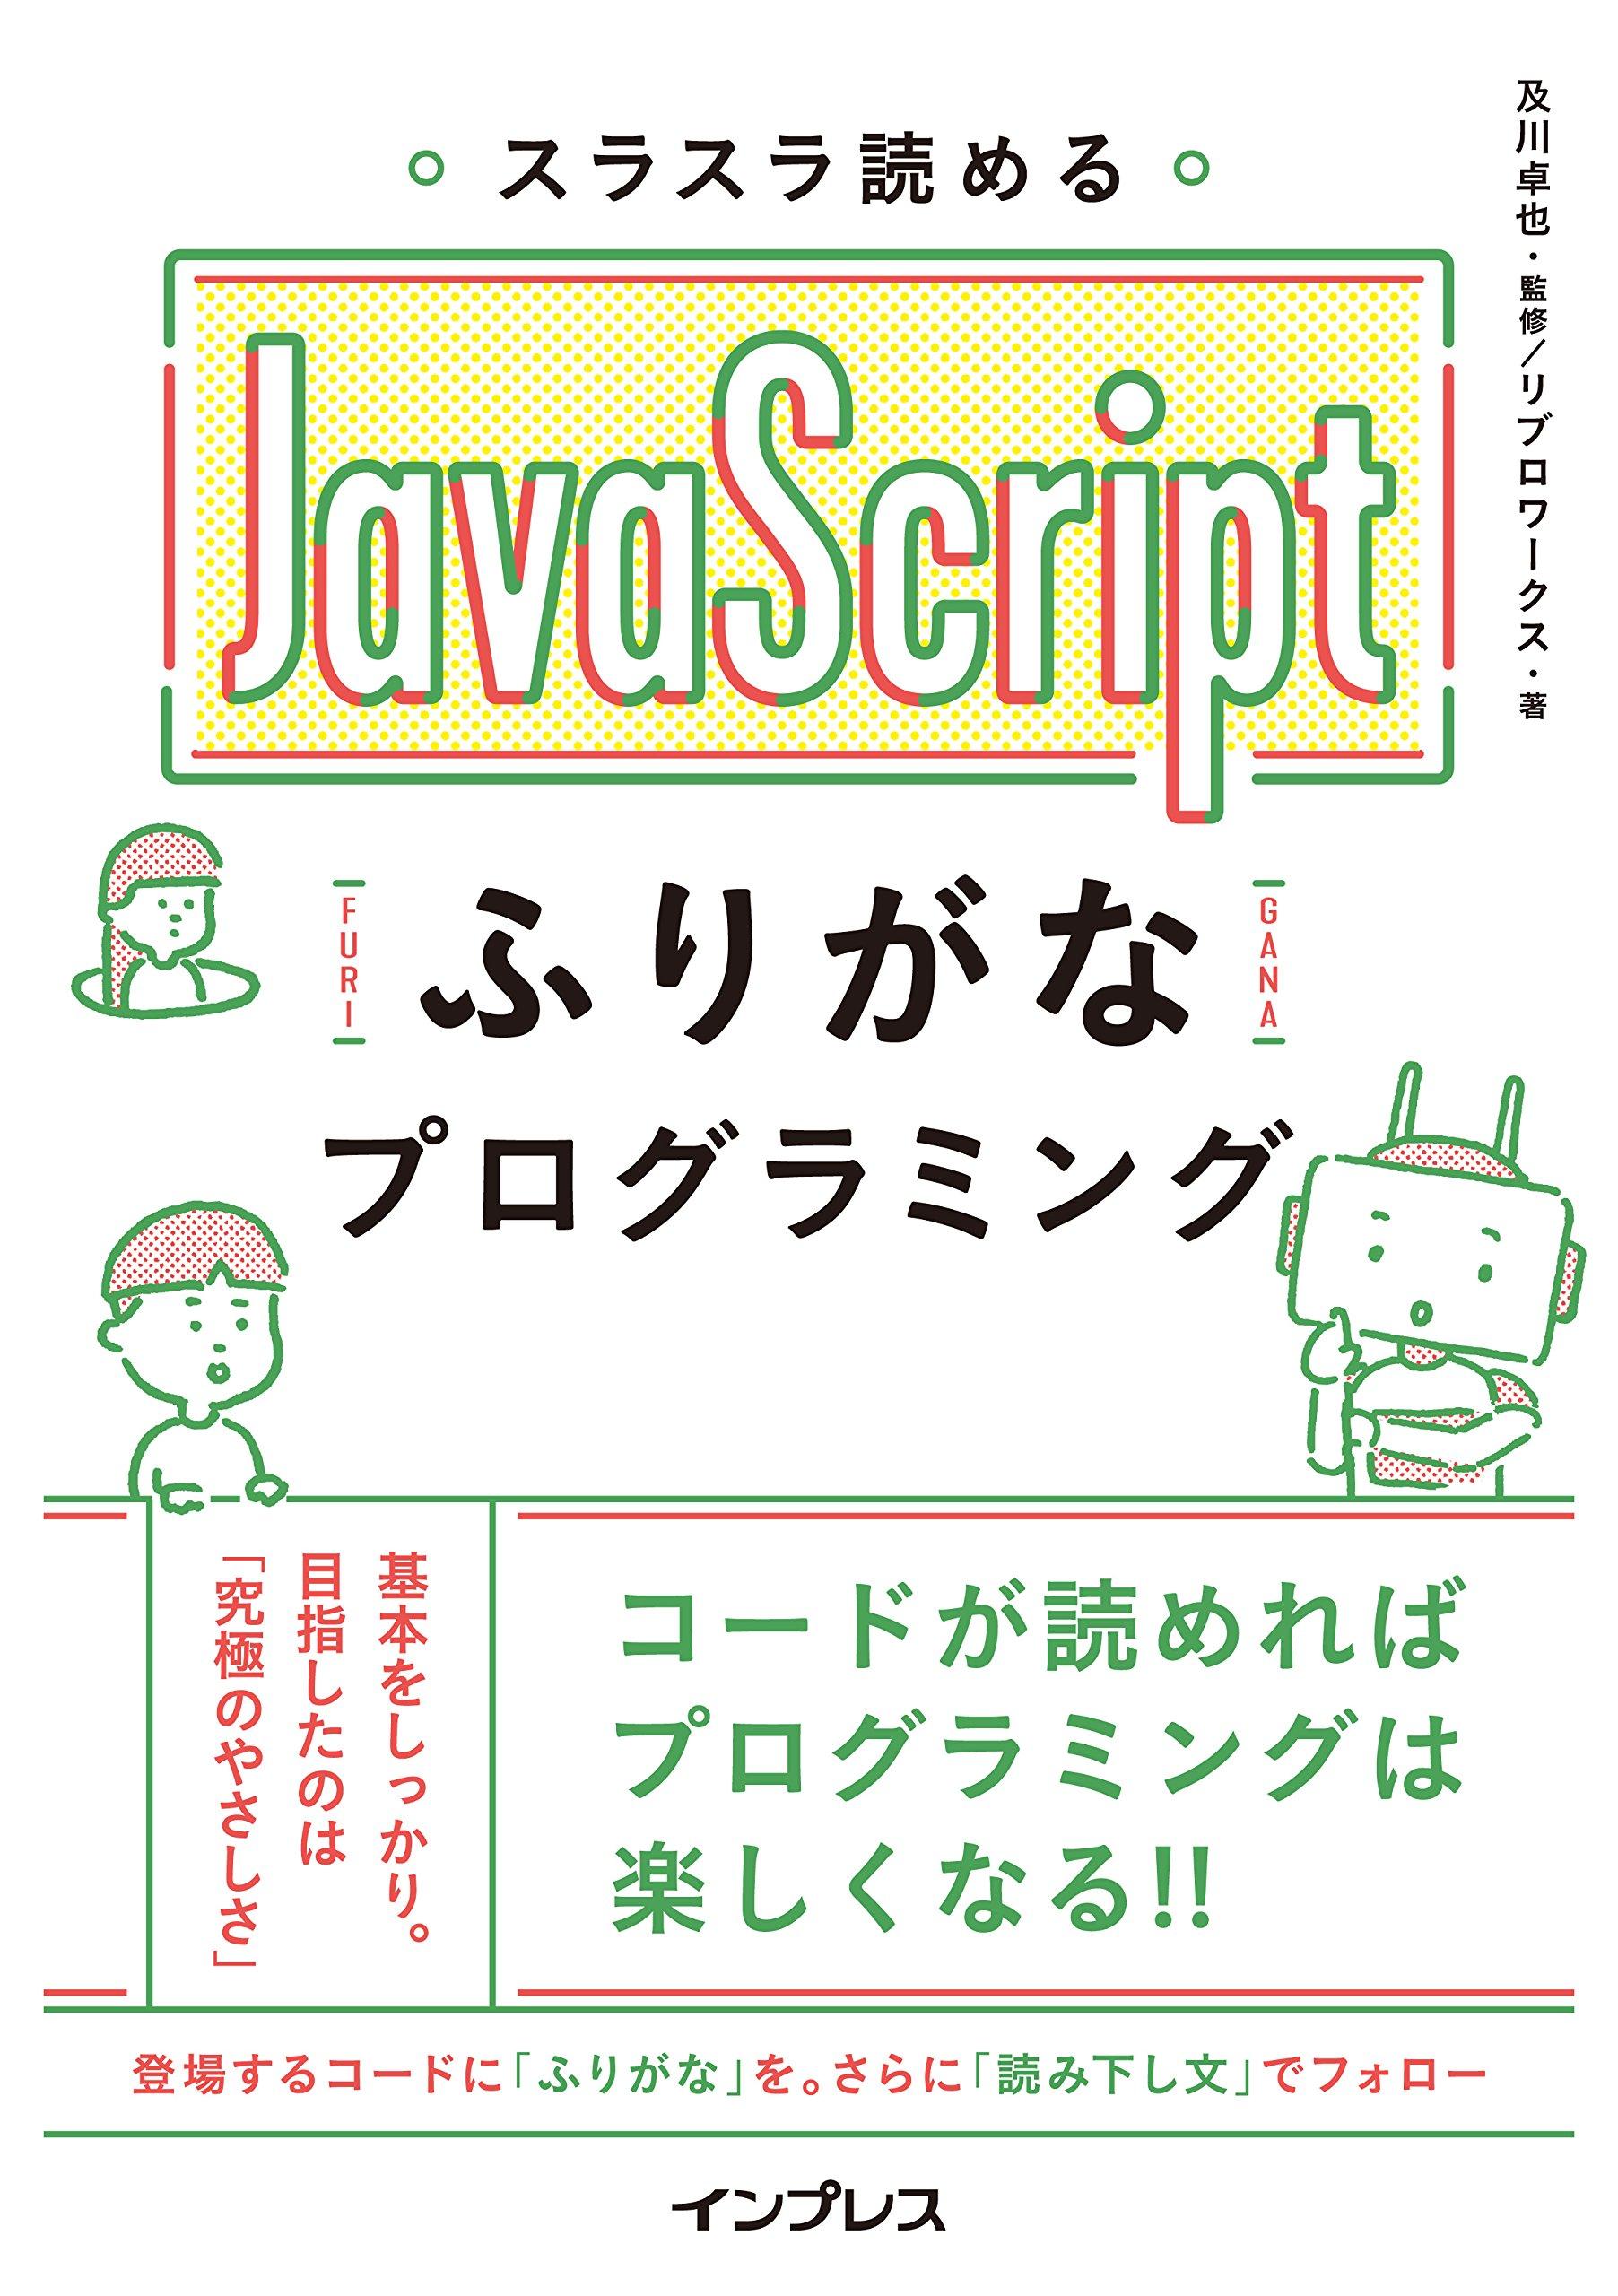 Image of  スラスラ読める JavaScript ふりがなプログラミング0